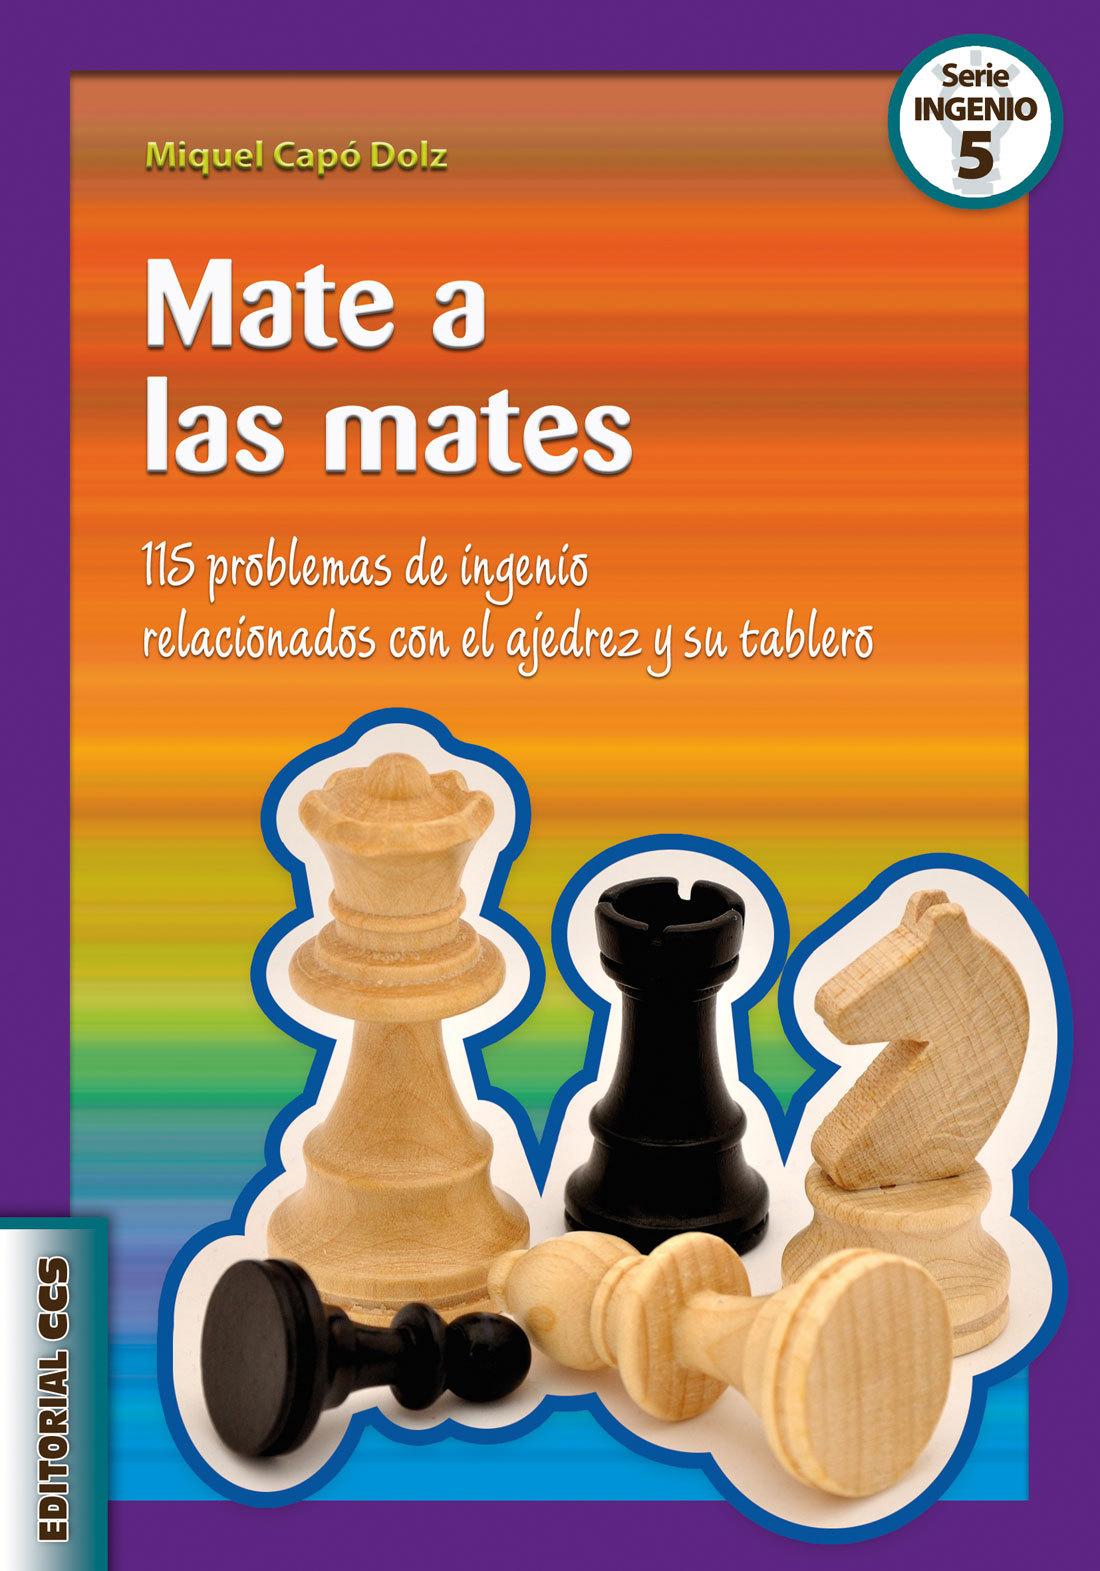 MATE A LAS MATES. 115 PROBLEMAS DE INGENIO RELACIONADOS CON EL AJEDREZ Y SU TABLERO